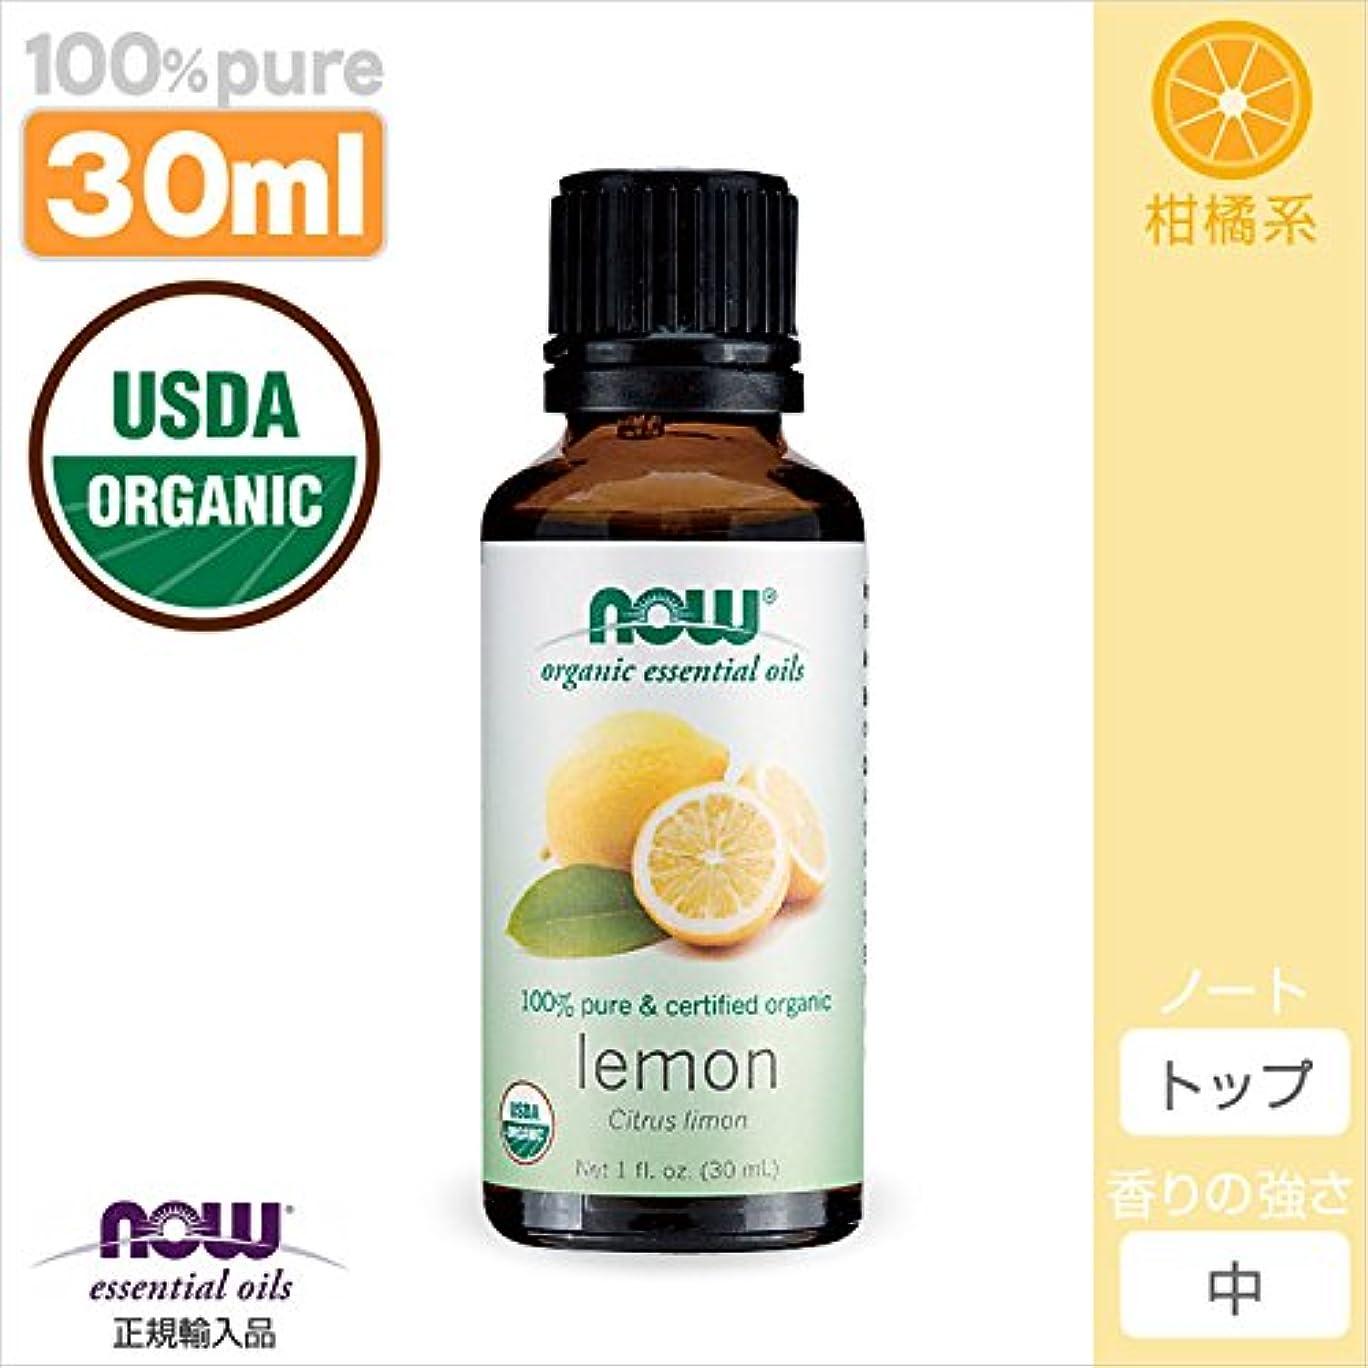 謎めいた敵対的ジェーンオースティンレモン精油オーガニック[30ml] 【正規輸入品】 NOWエッセンシャルオイル(アロマオイル)